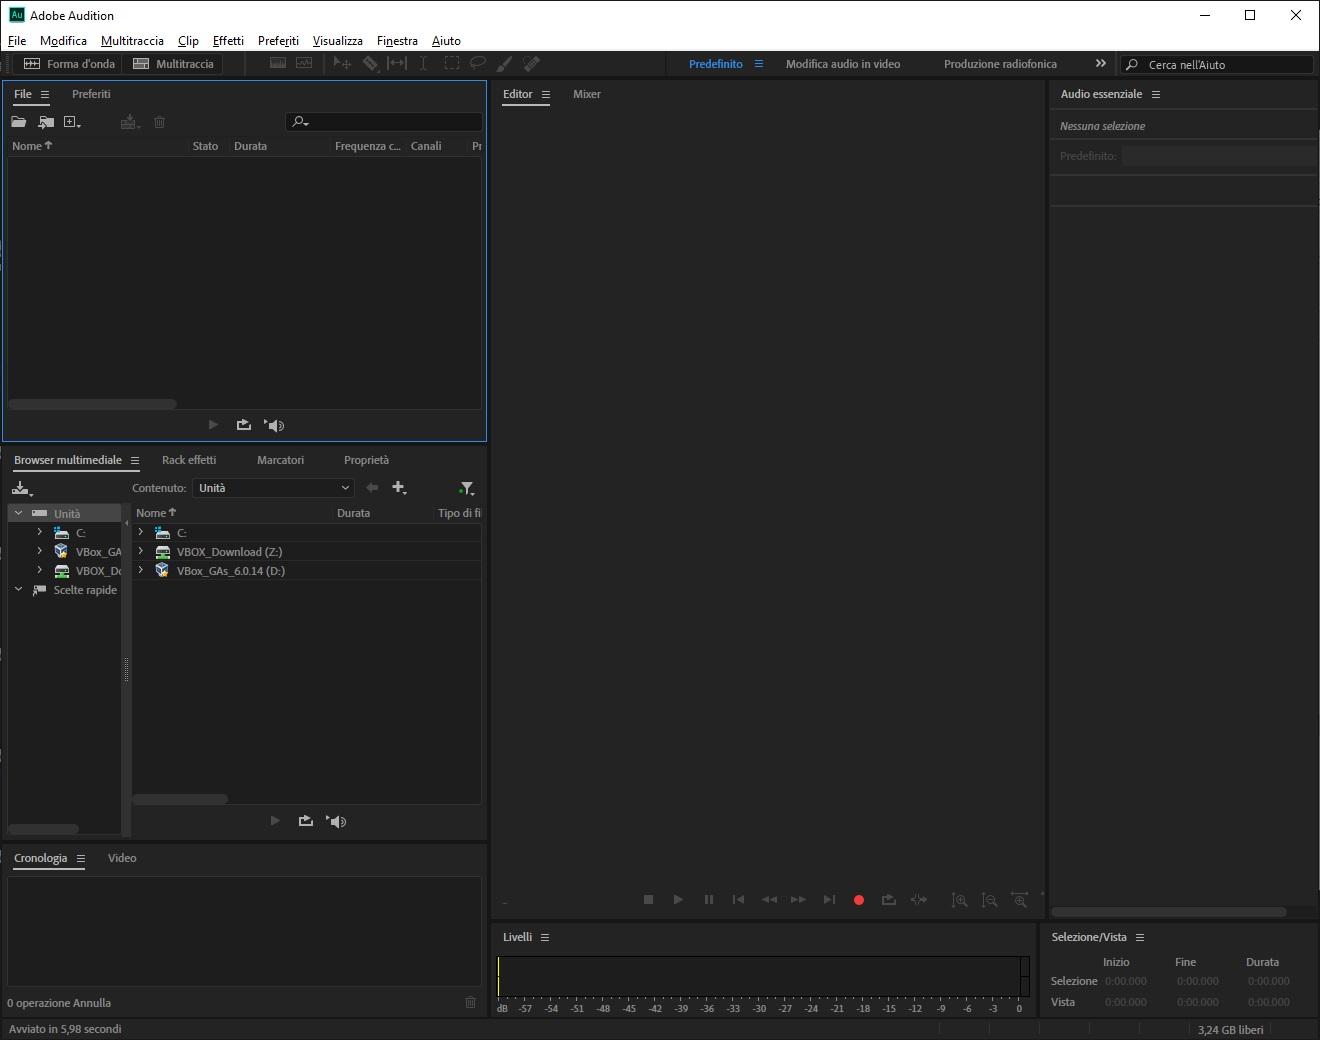 Adobe Audition 2020 v13.0.5.25 Beta 64 Bit - Ita